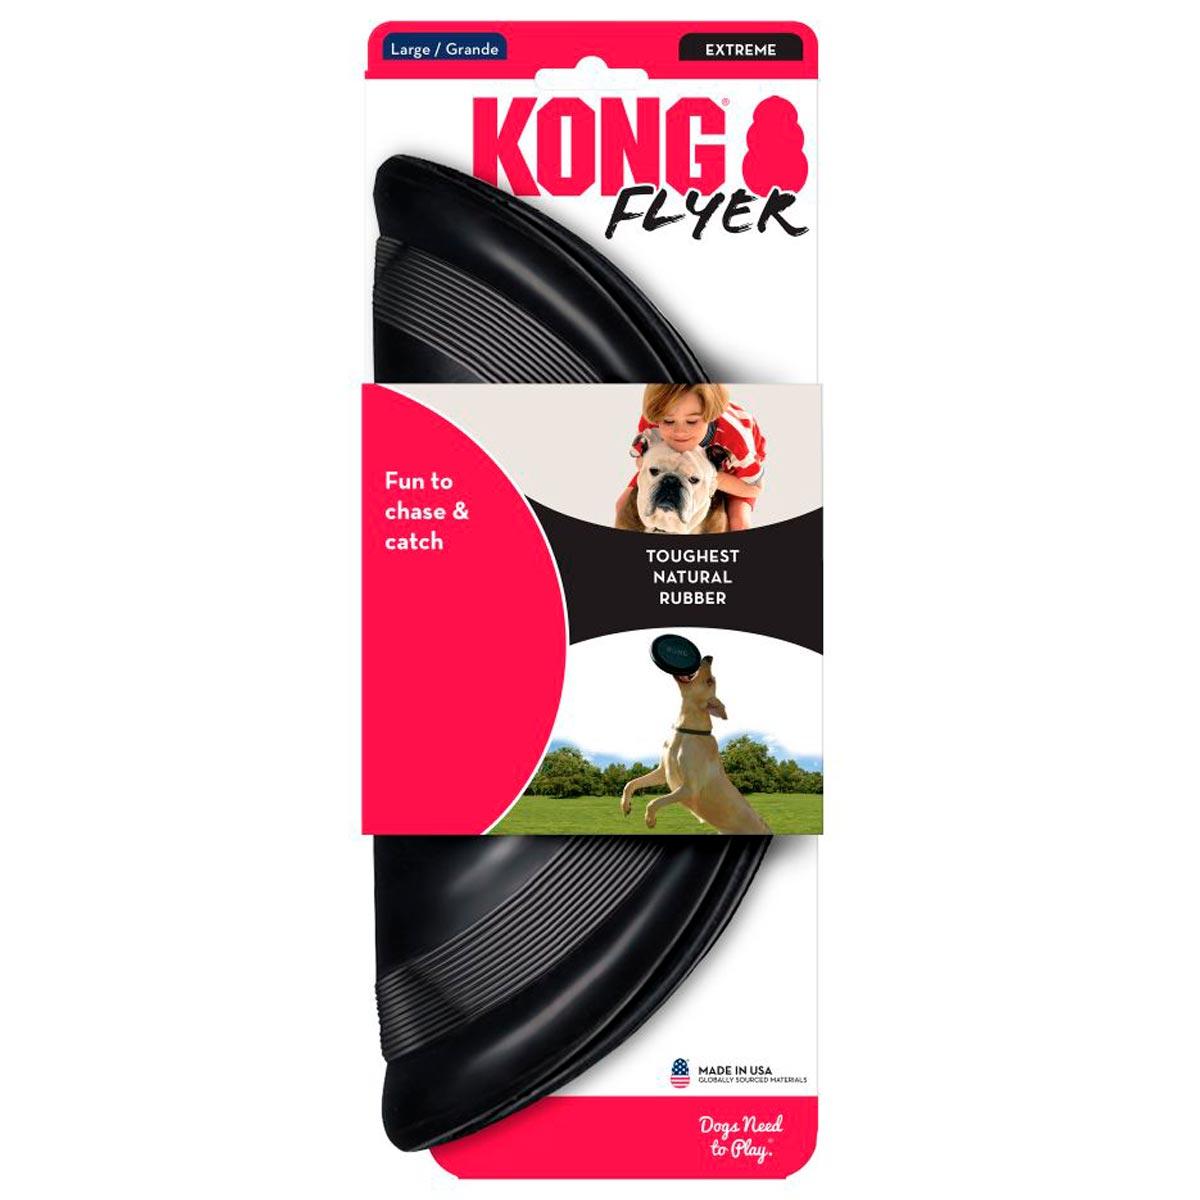 Brinquedo Kong Disco Flexível Extreme Flyer